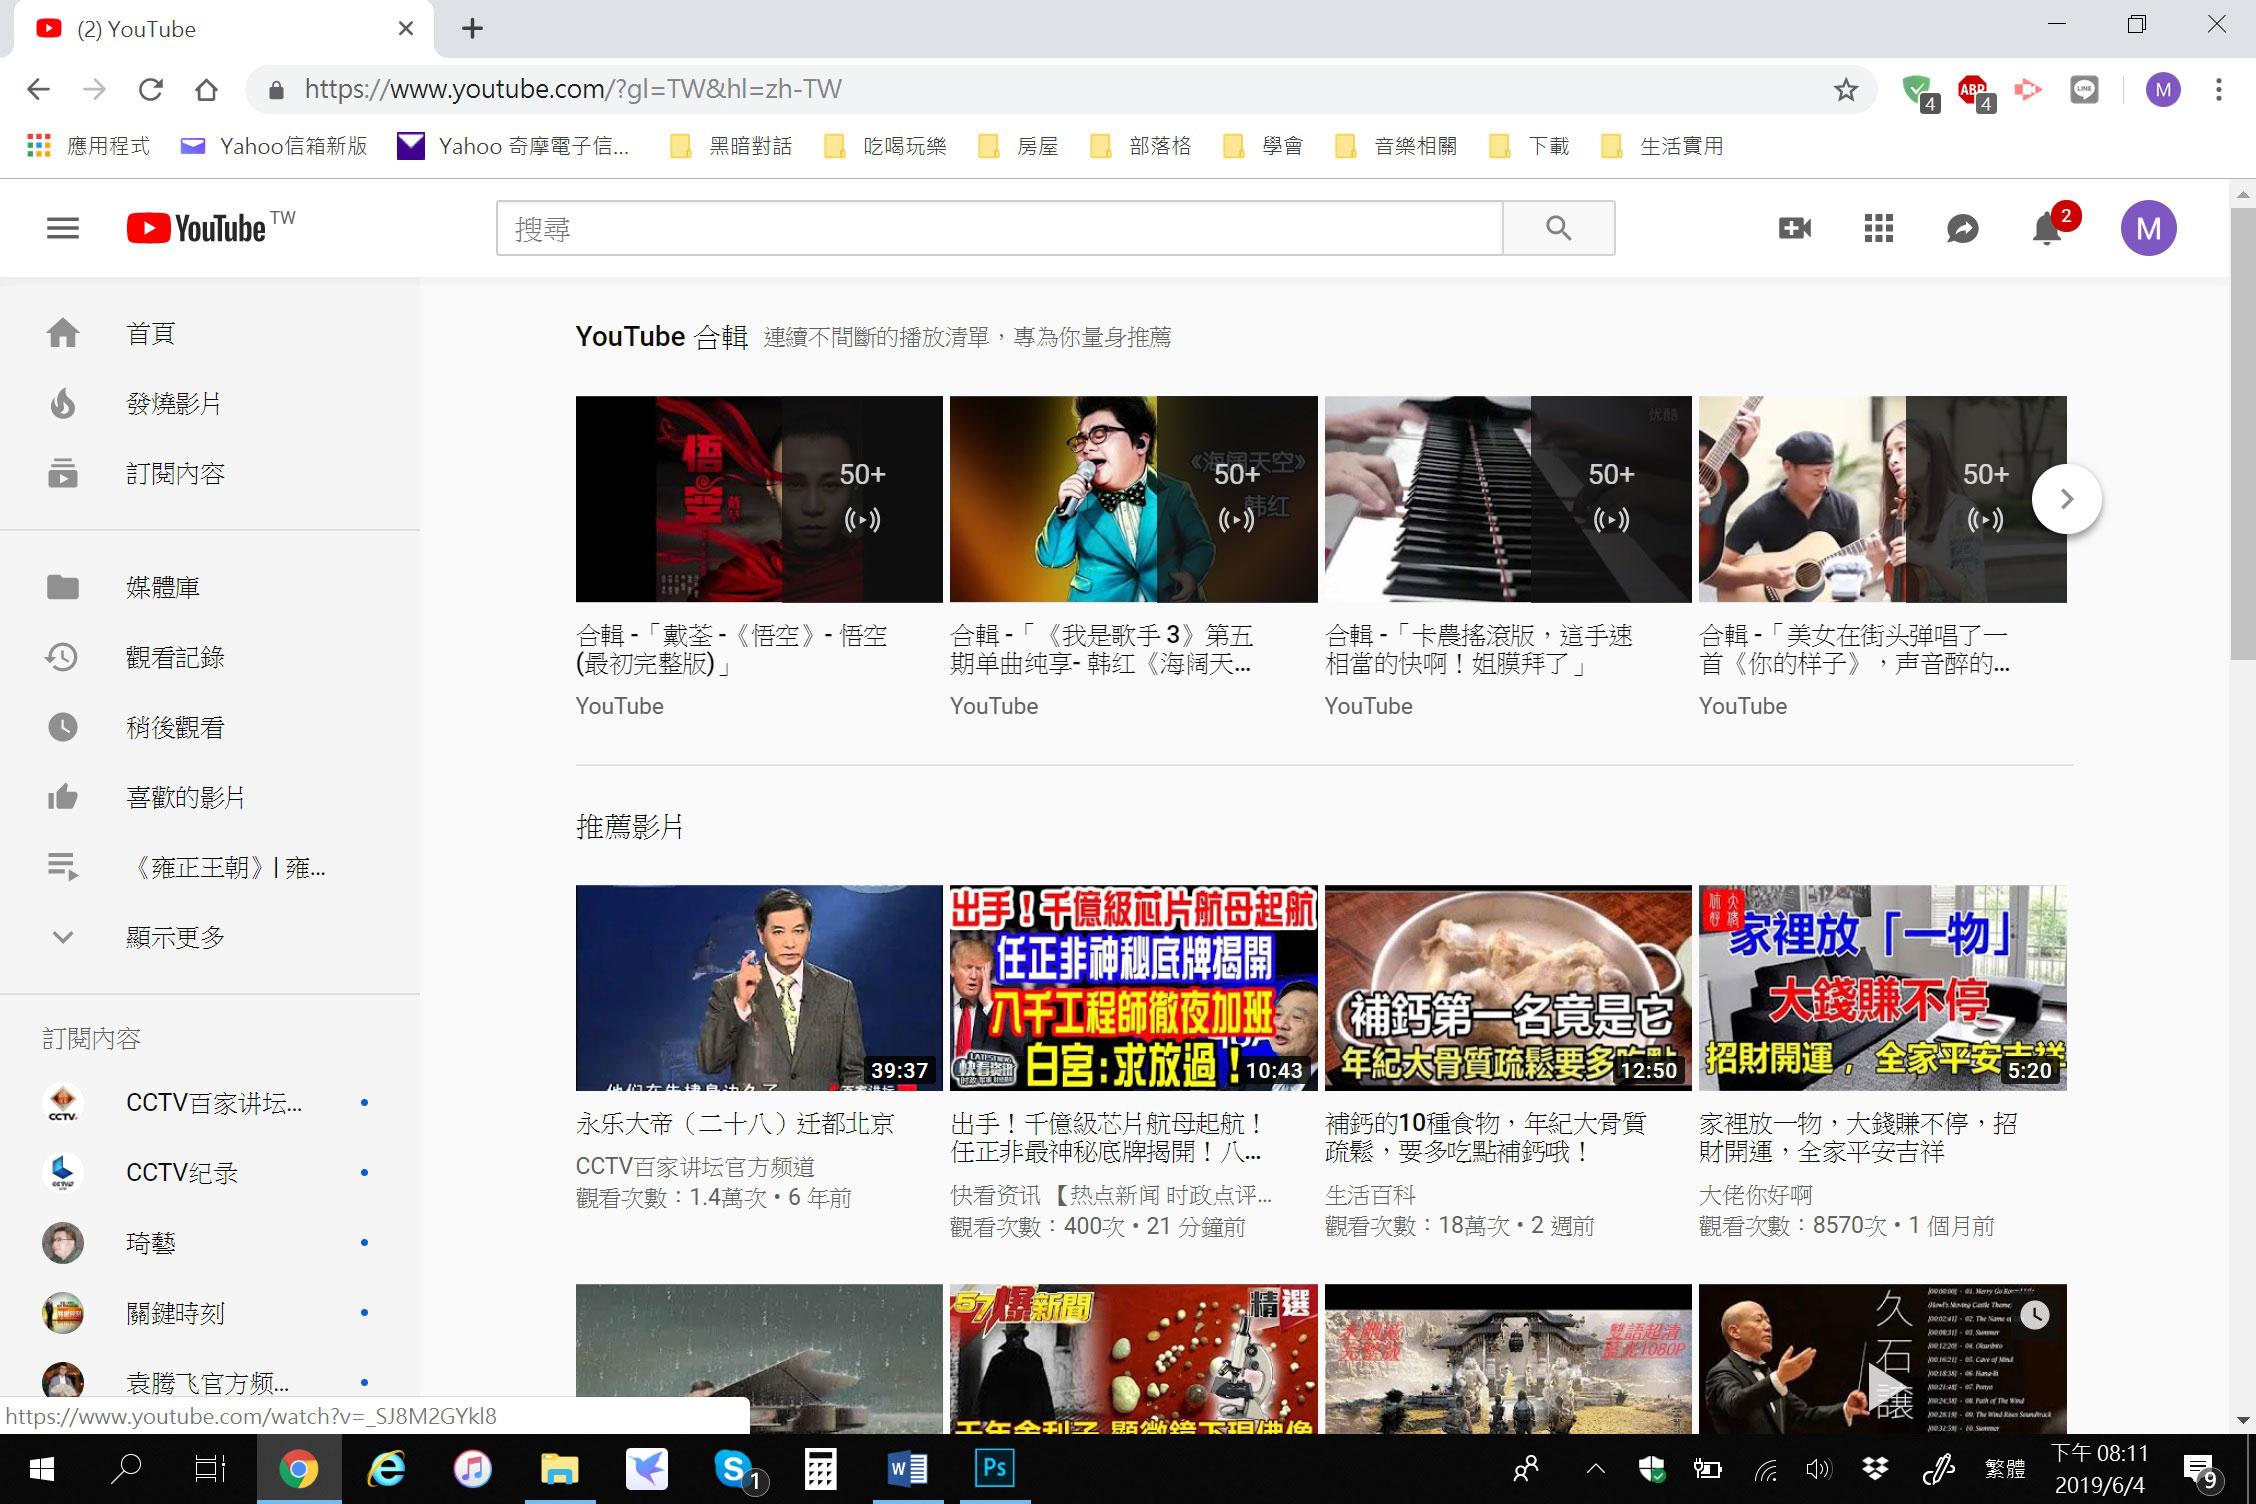 上圖是連至YouTube影音網站的首頁畫面。